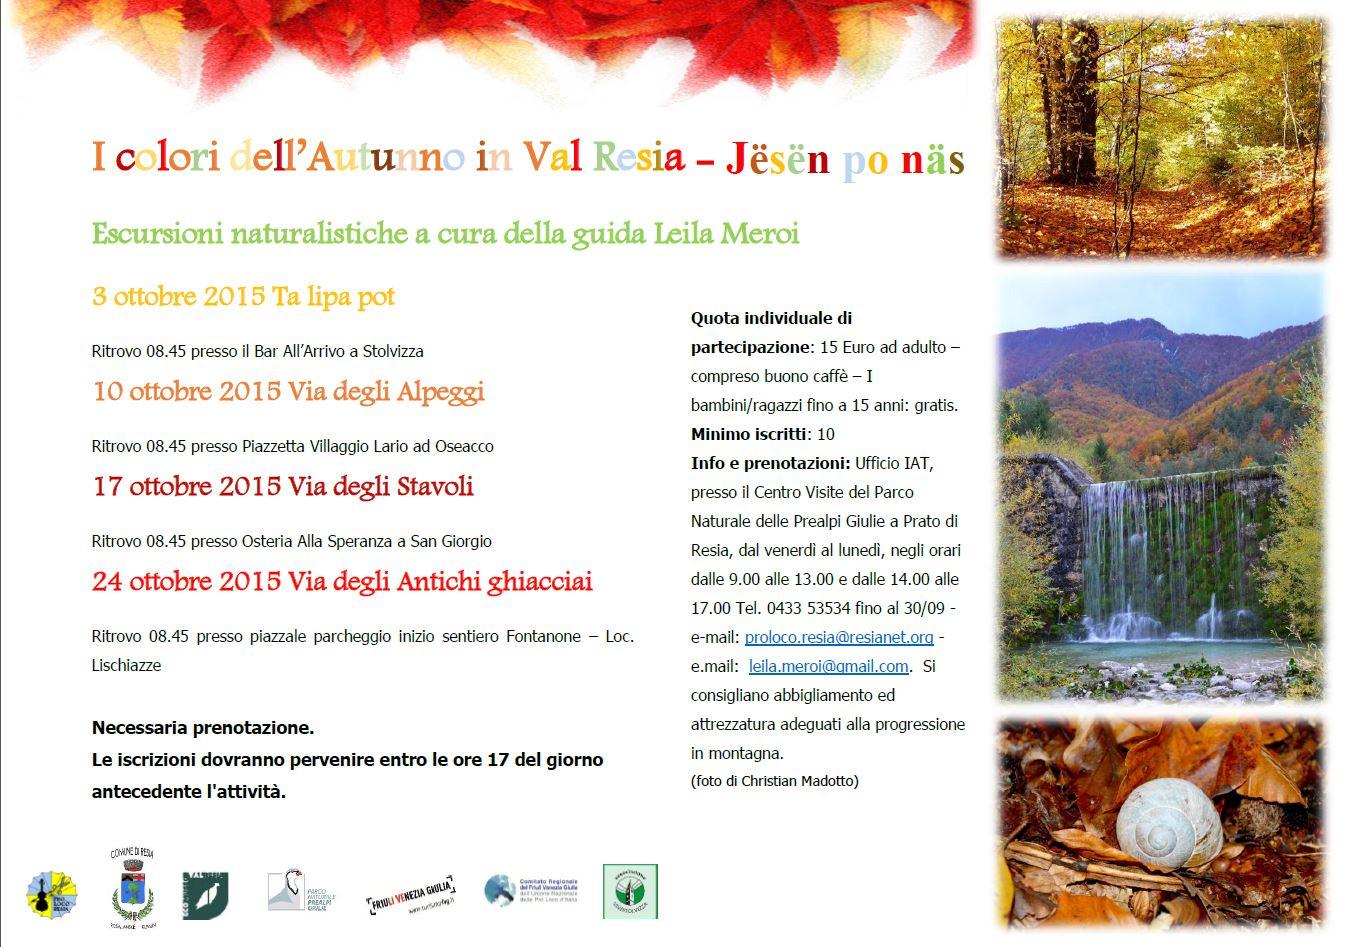 I colori dell'Autunno in Val Resia - Jesen po nas